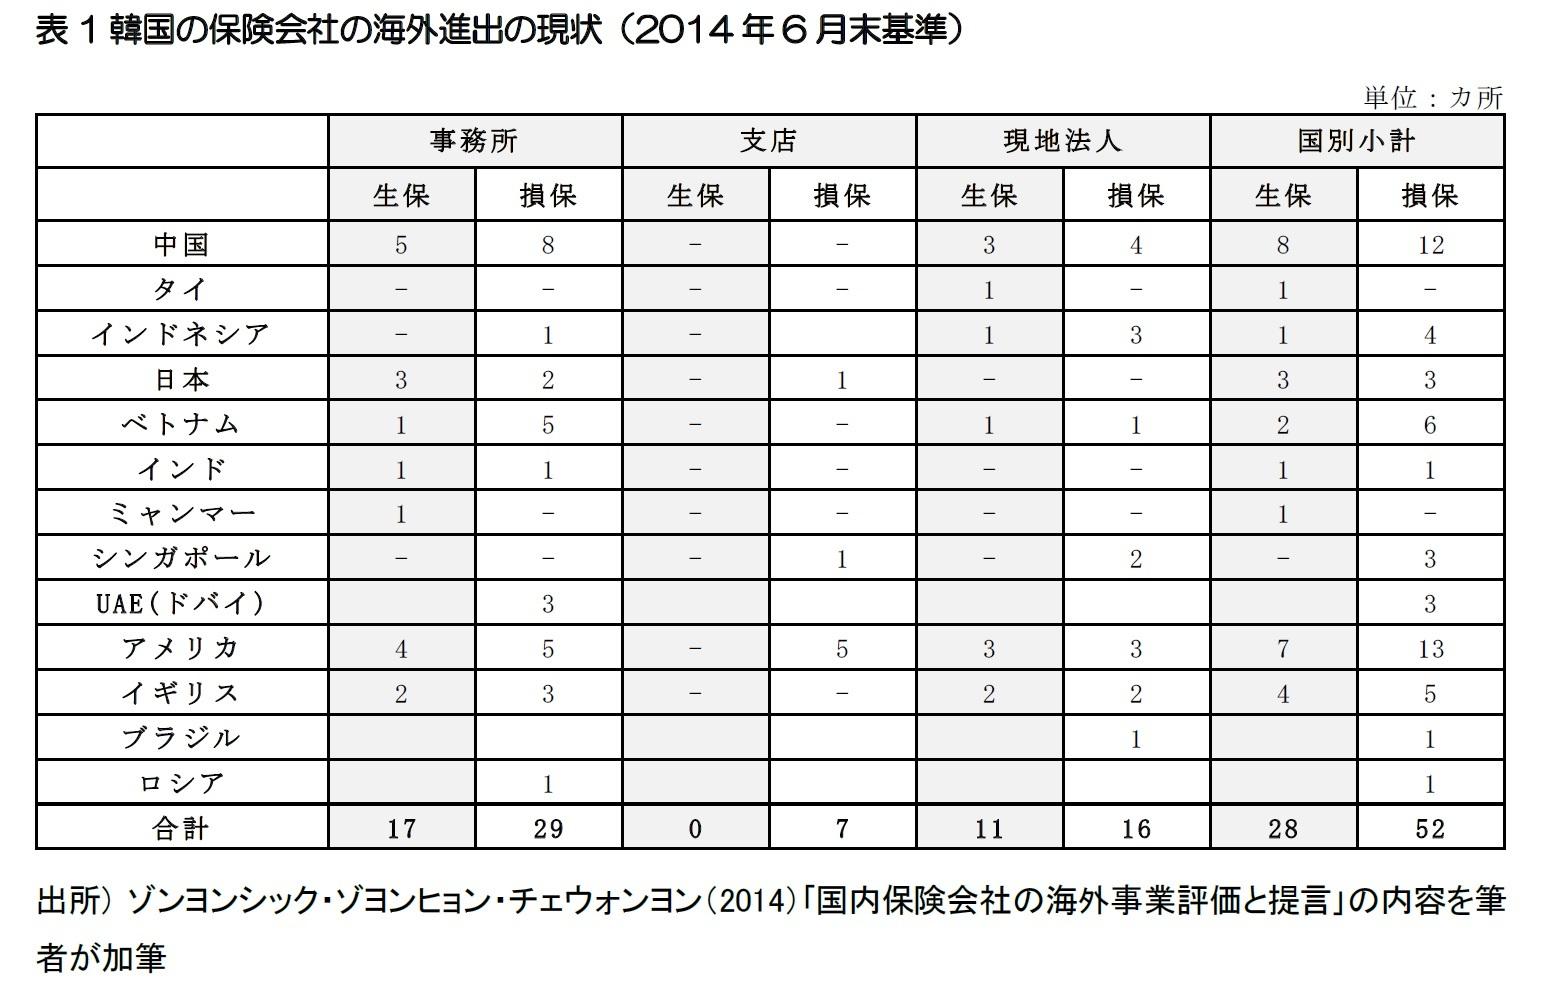 表1韓国の保険会社の海外進出の現状(2014年6月末基準)